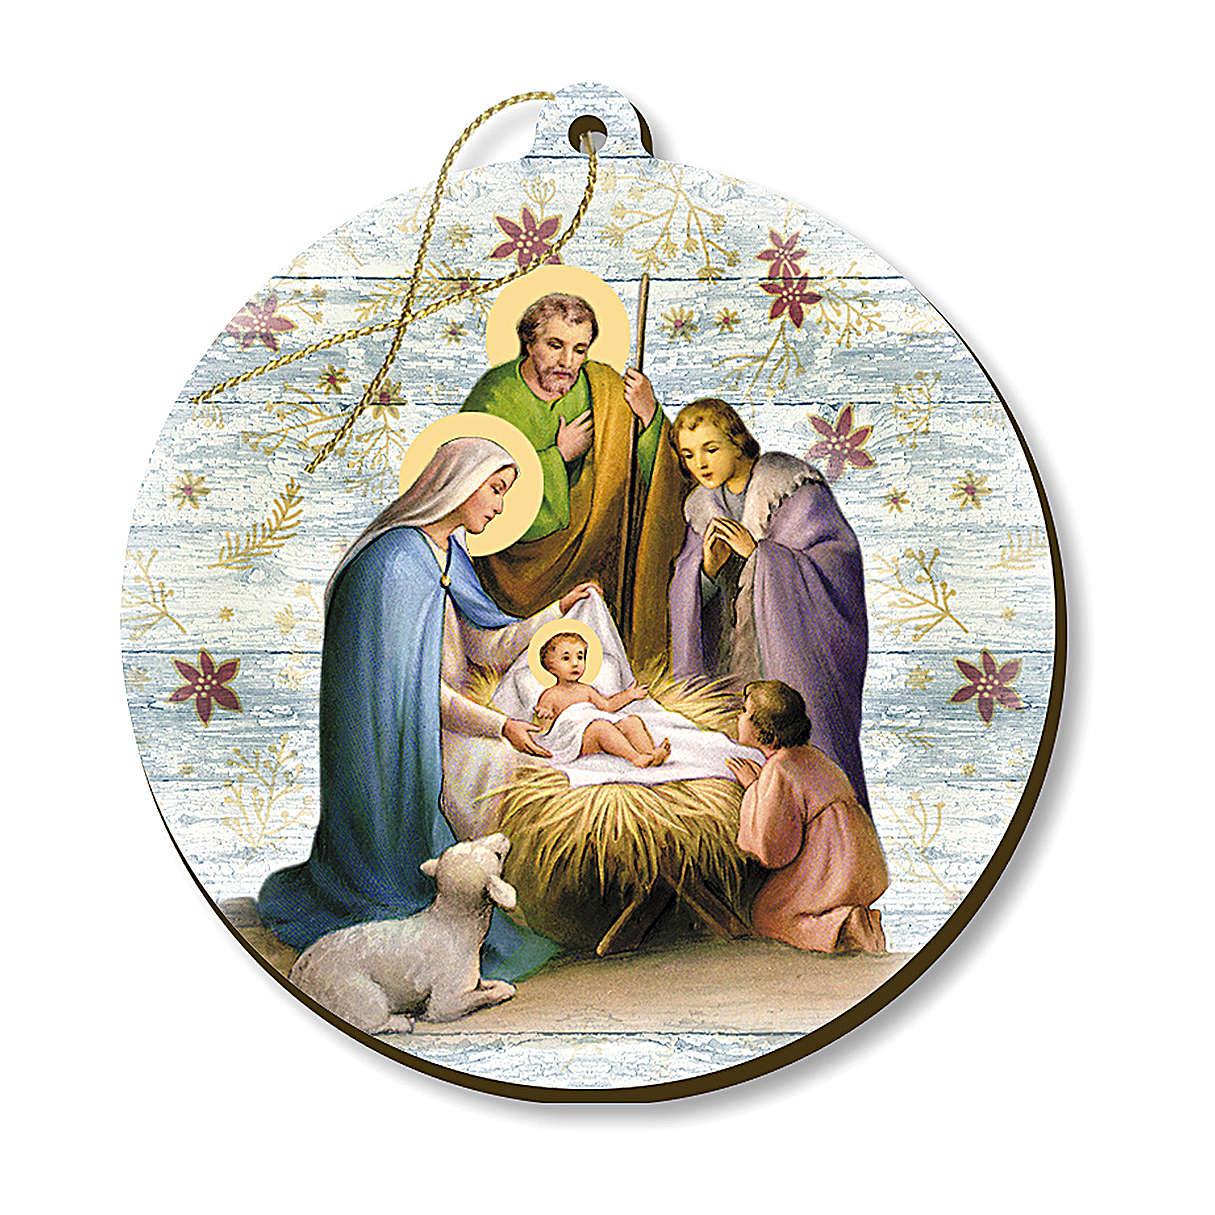 Décoration de Noël bois façonné Crèche avec bergers 4